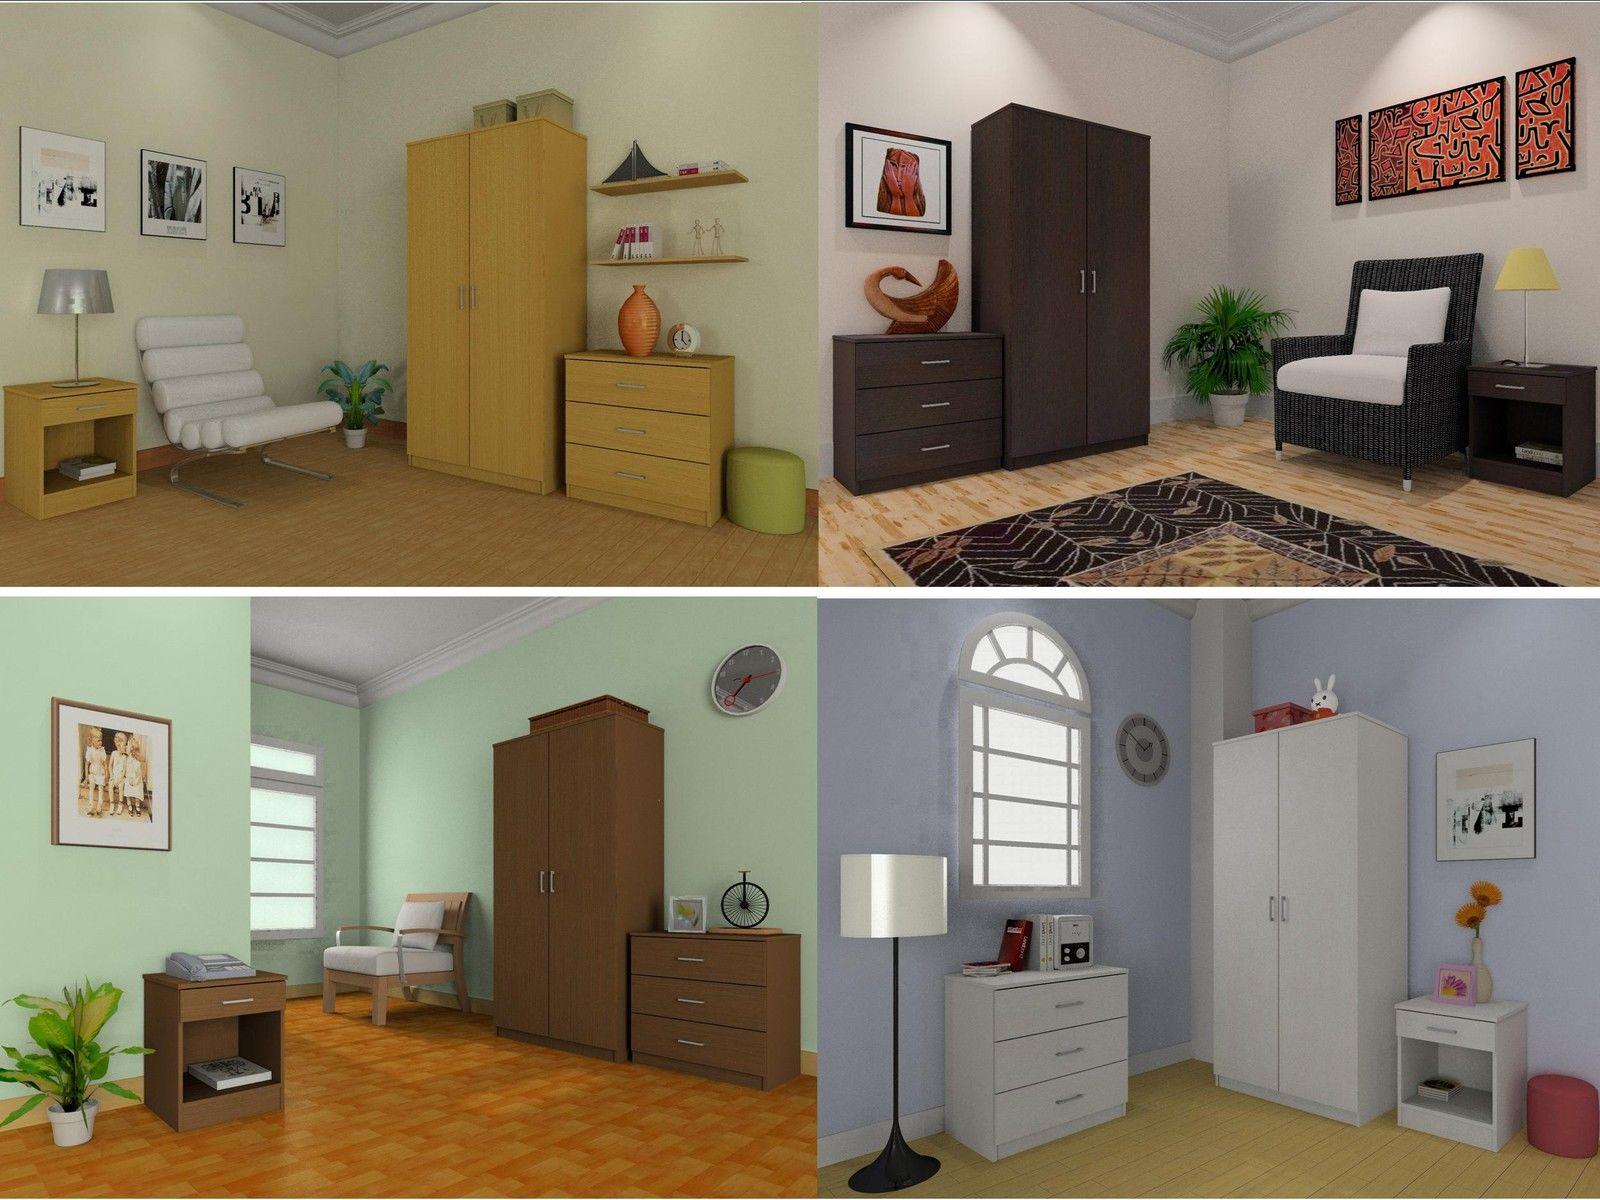 Bedroom furniture sets wardrobe chest bedside beech - Walnut bedroom furniture sets uk ...